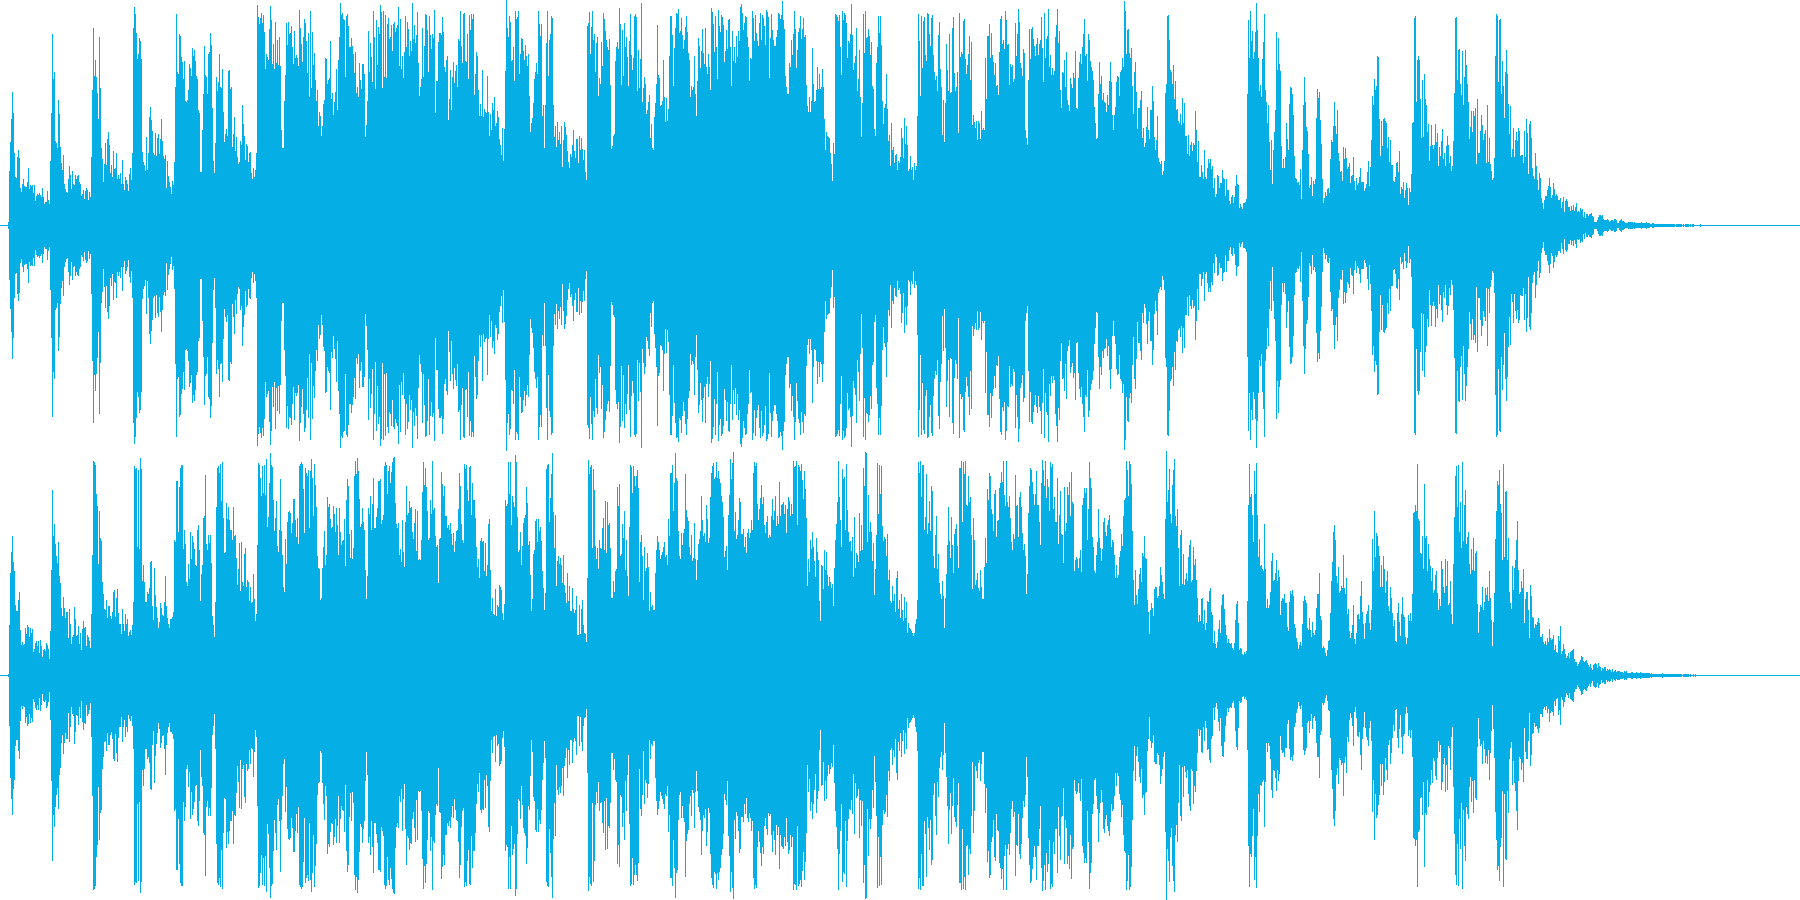 楽しげなシンセ・木琴・弦楽器など短めの再生済みの波形